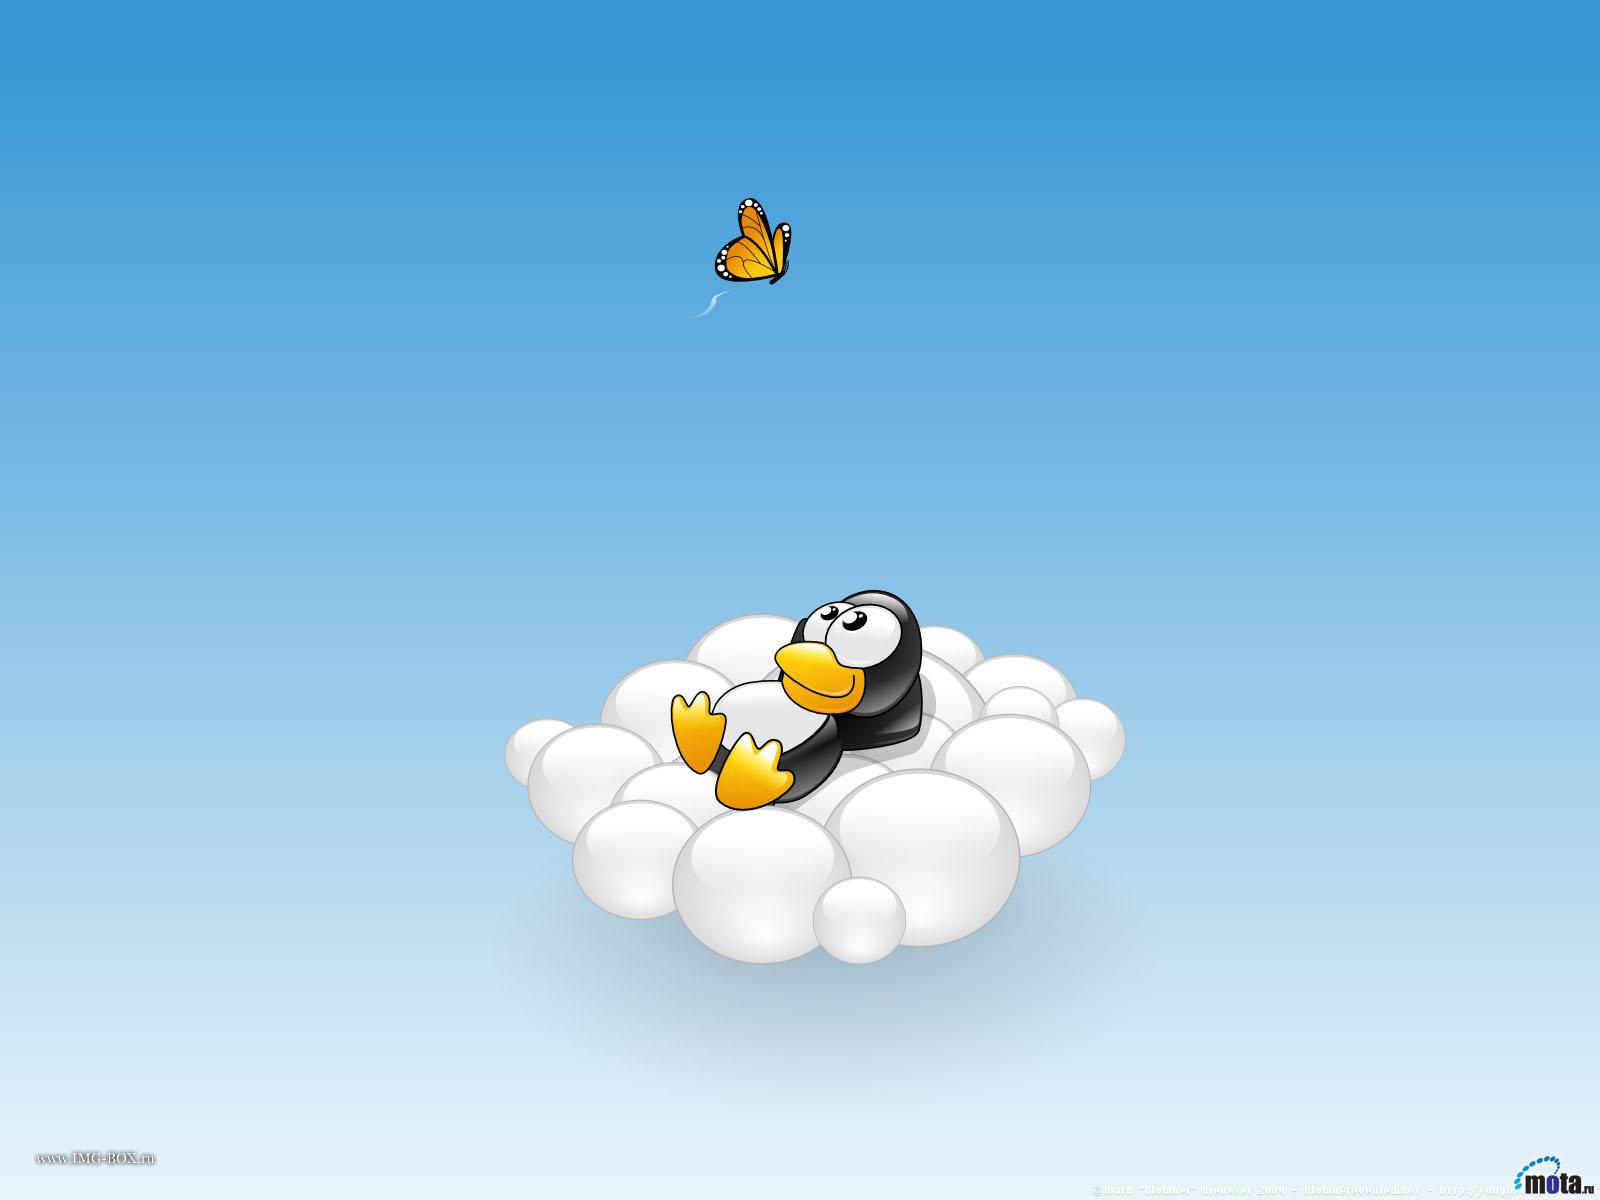 небо и облако, пингвин, обои для рабочего стола